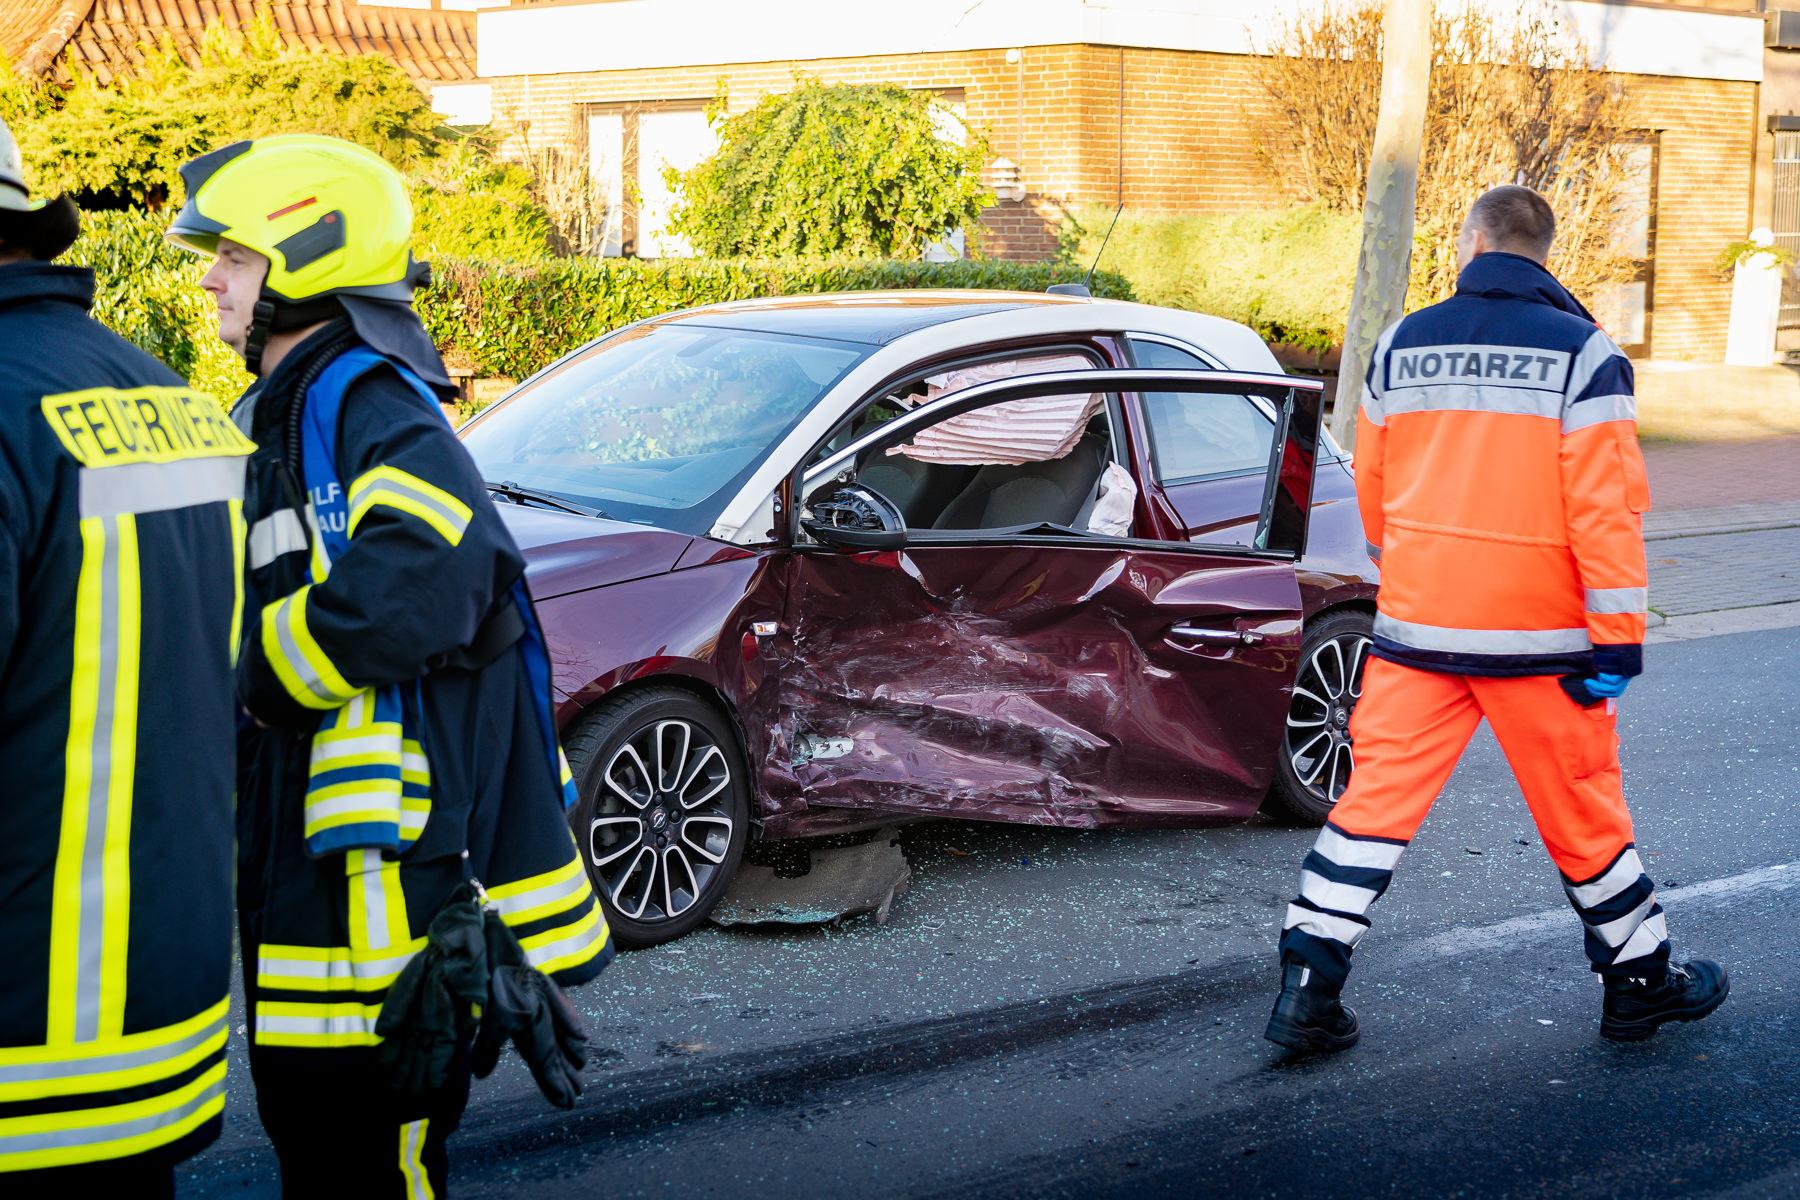 Die Fahrerin dieses Kleinwagens wollte wenden - und übersah einen anderen Wagen (Foto: n112.de/Stefan Simonsen)